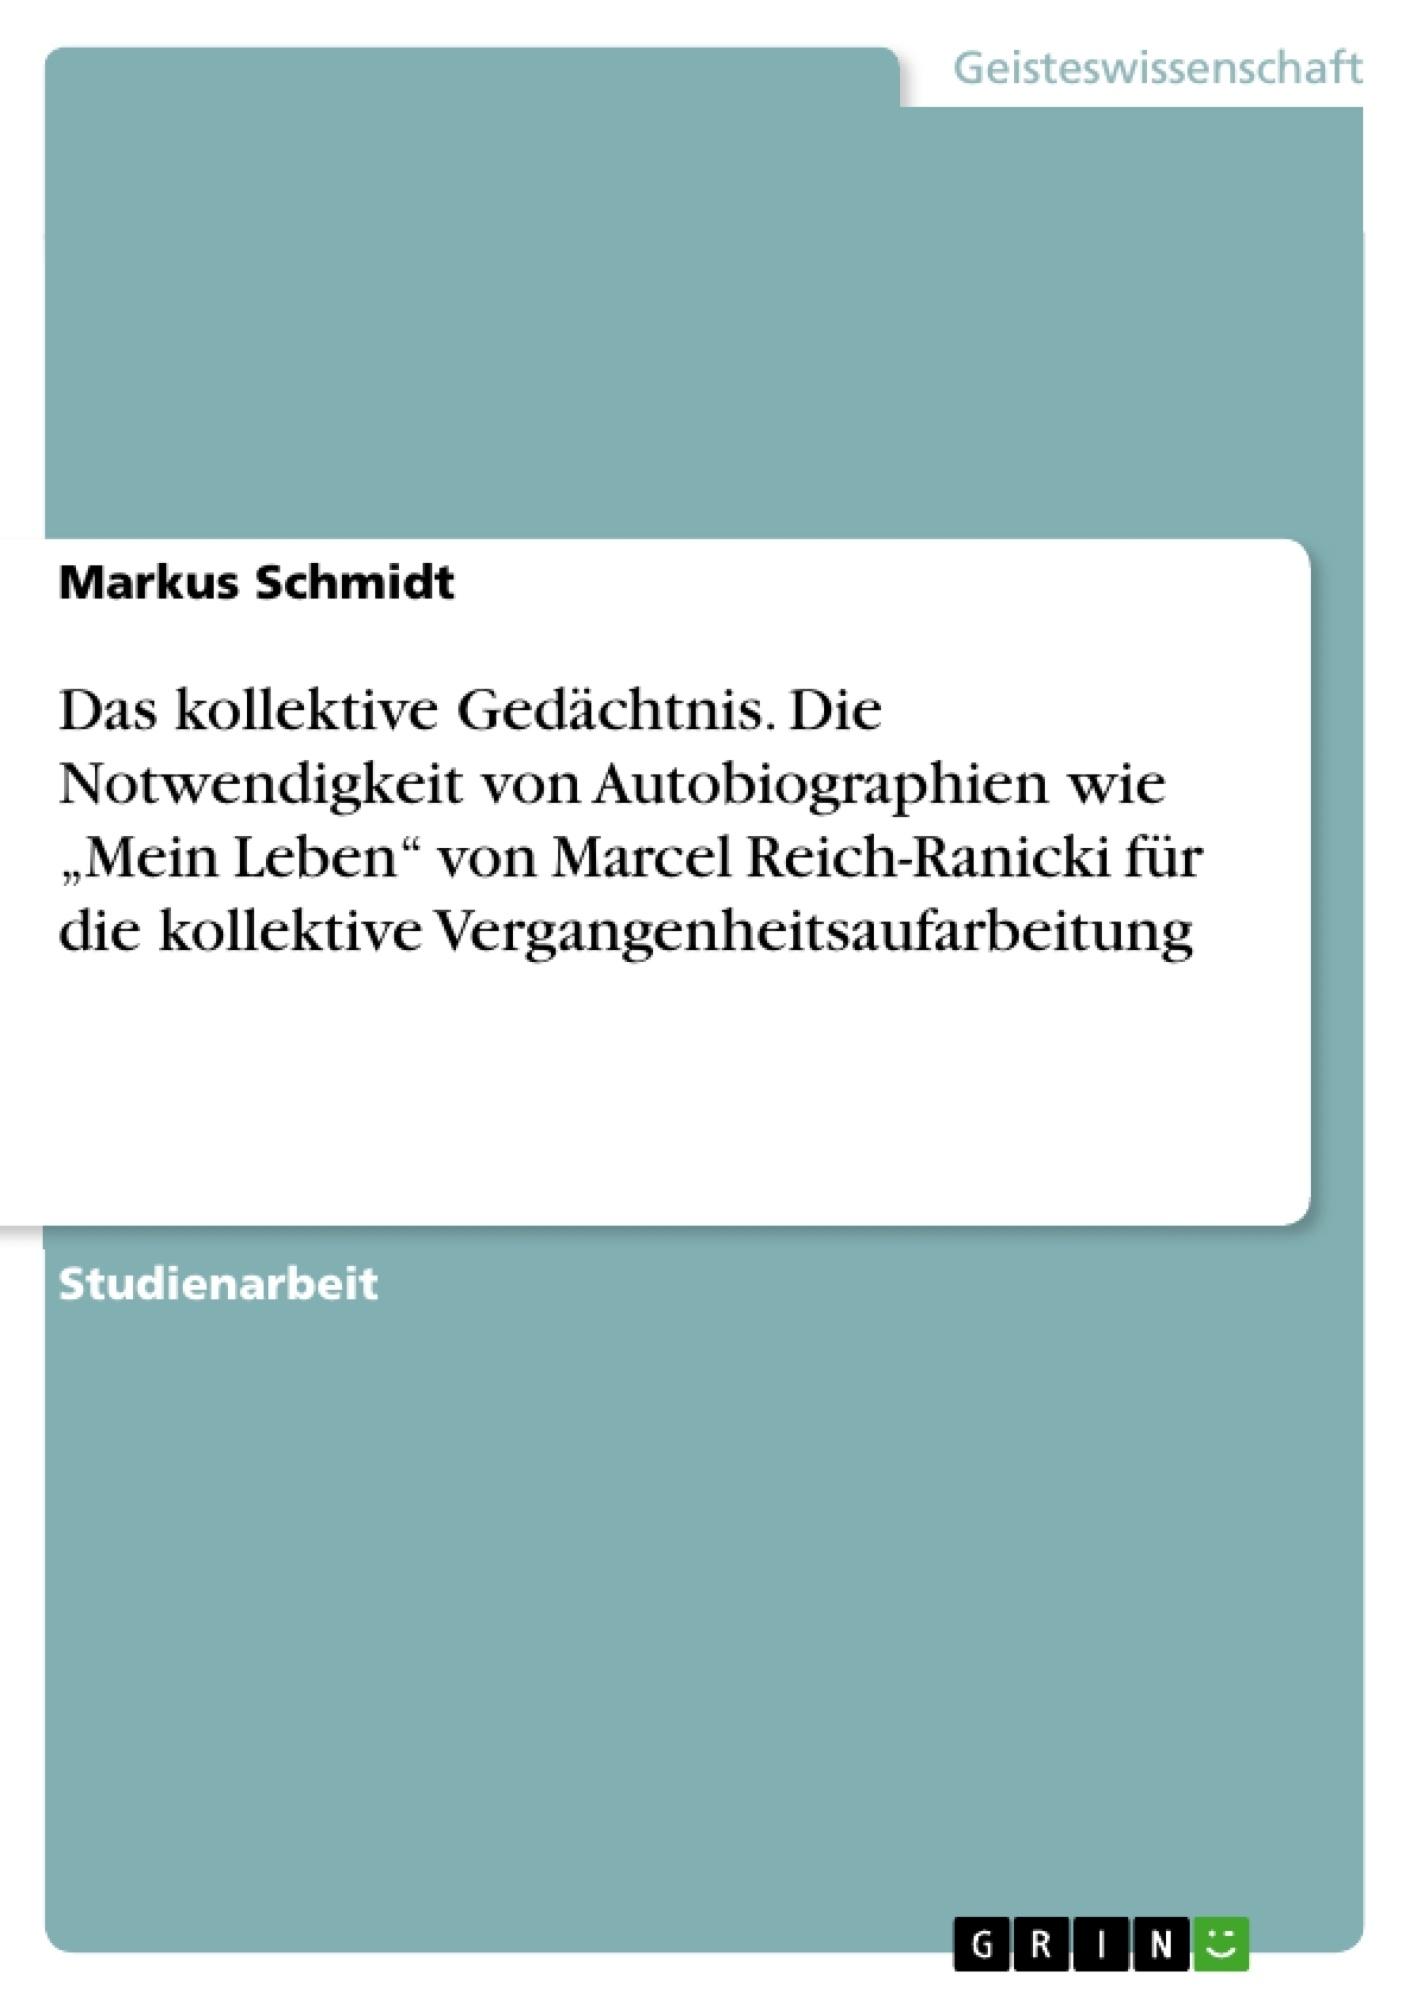 """Titel: Das kollektive Gedächtnis. Die Notwendigkeit von Autobiographien wie """"Mein Leben"""" von Marcel Reich-Ranicki für die kollektive Vergangenheitsaufarbeitung"""